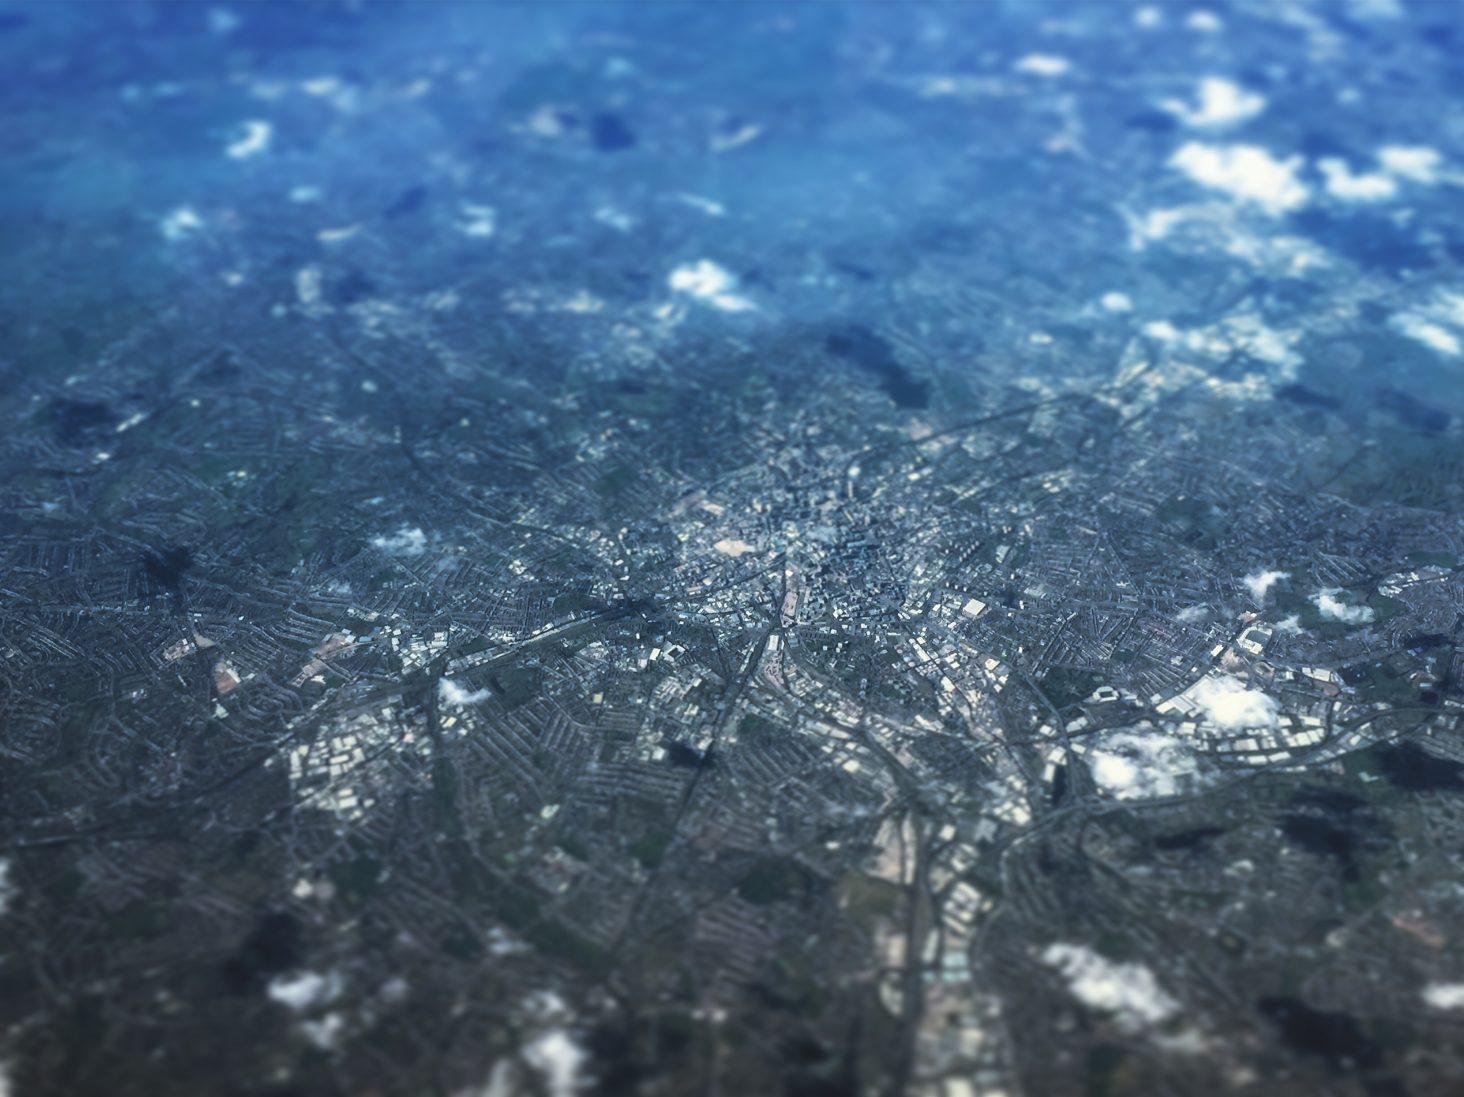 Birmingham, l'une des plus grandes villes du Royaume-Uni